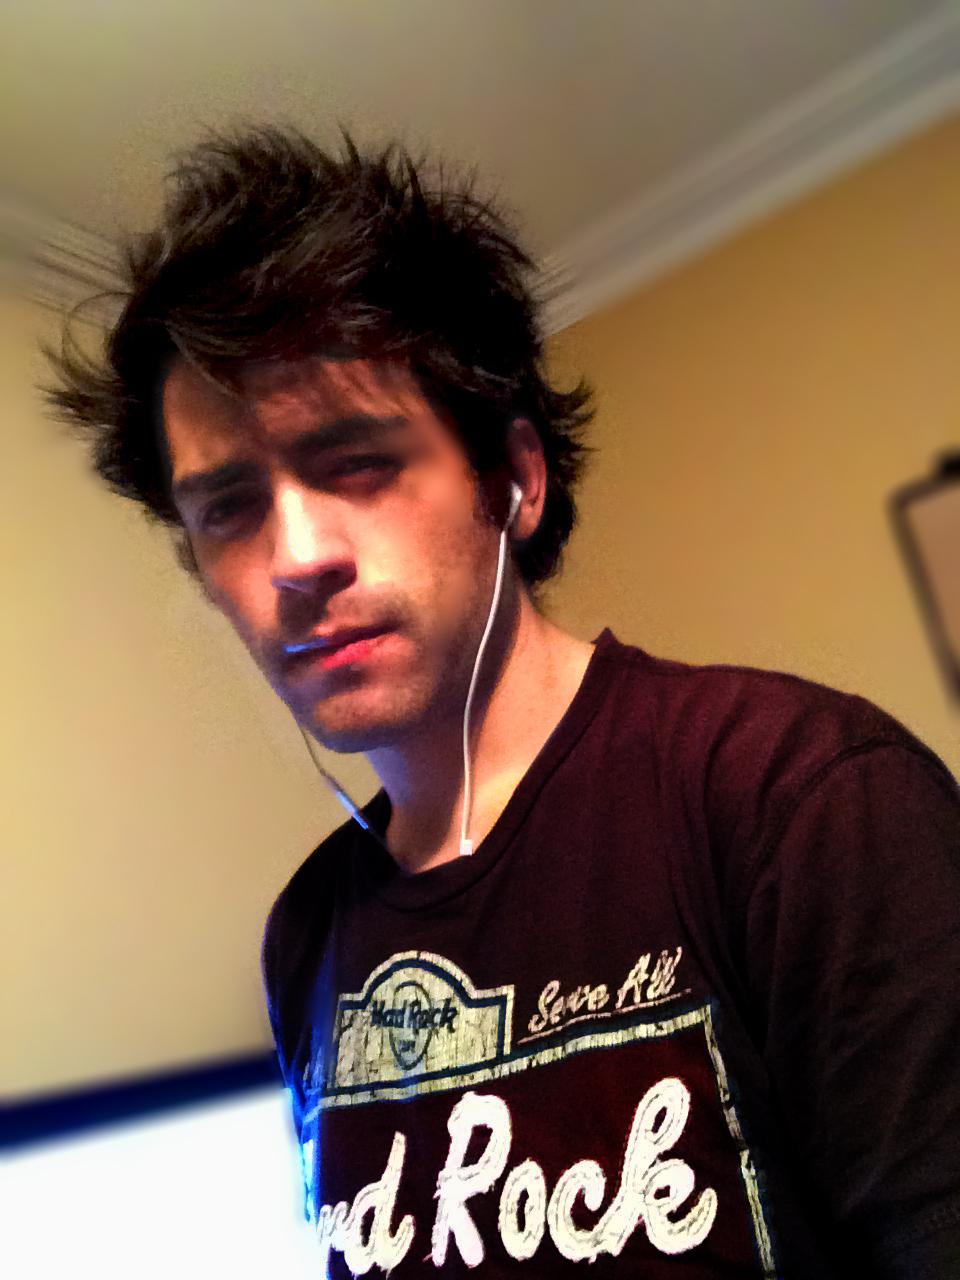 SrGrafo's Profile Picture